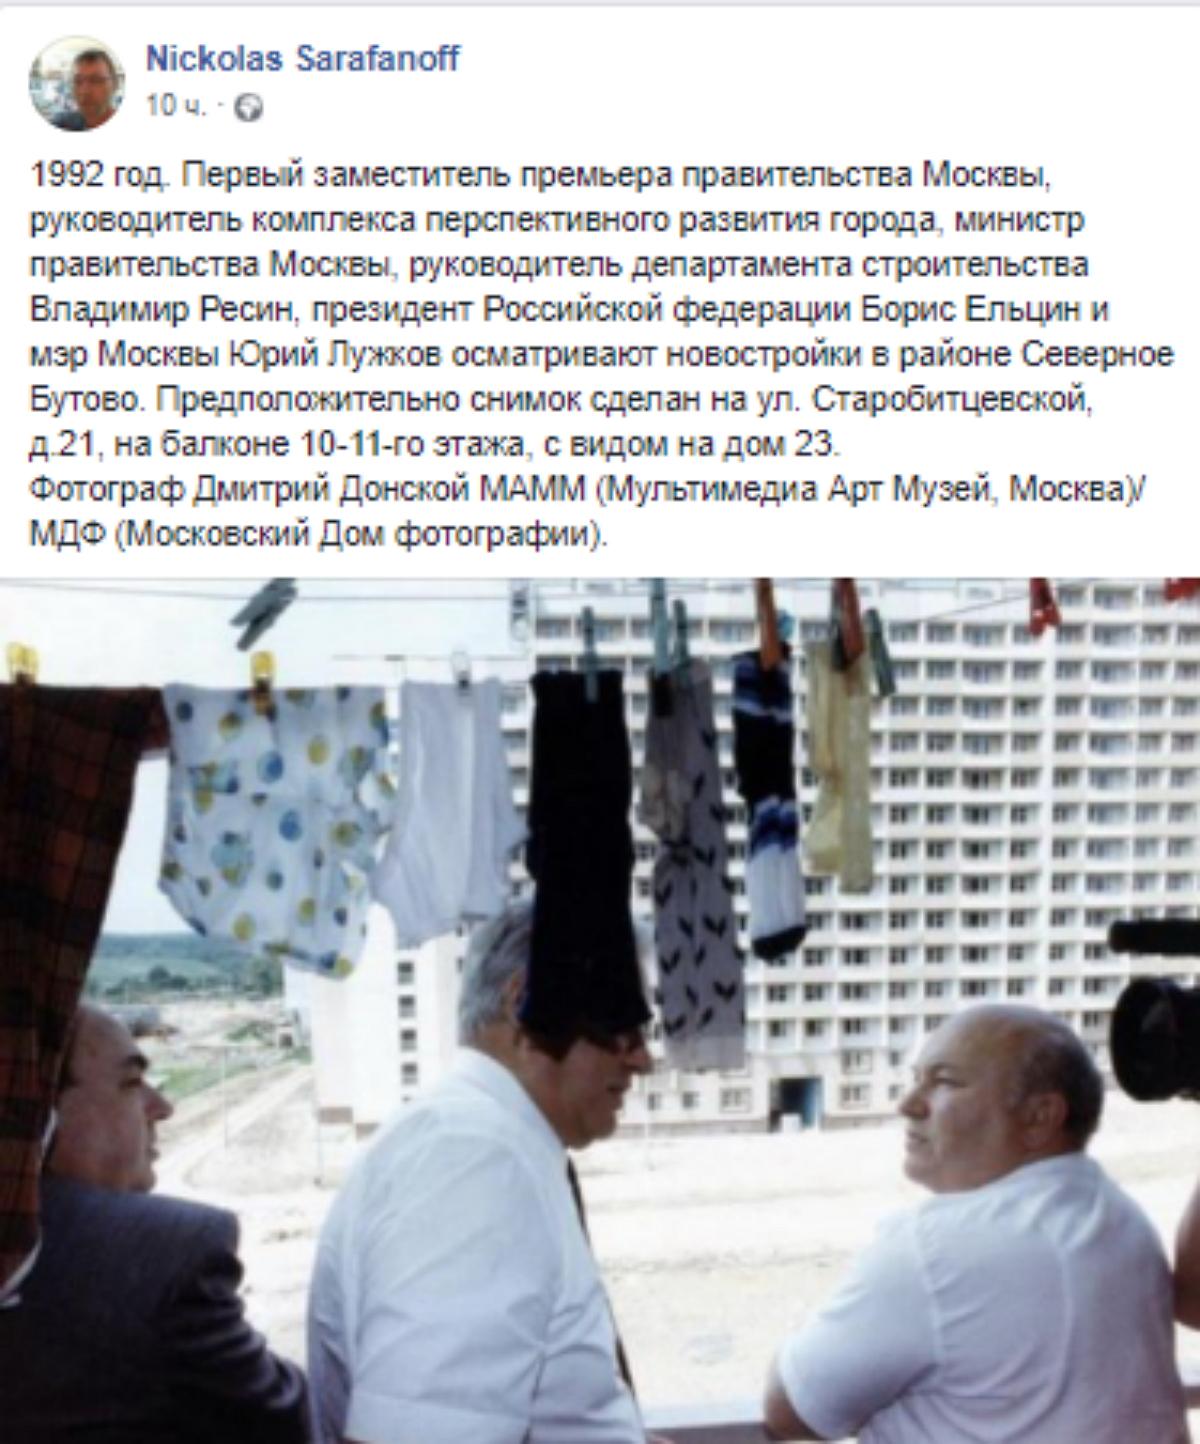 Фото Ельцина и Лужкова на фоне трусов обсуждают в Сети (ФОТО)